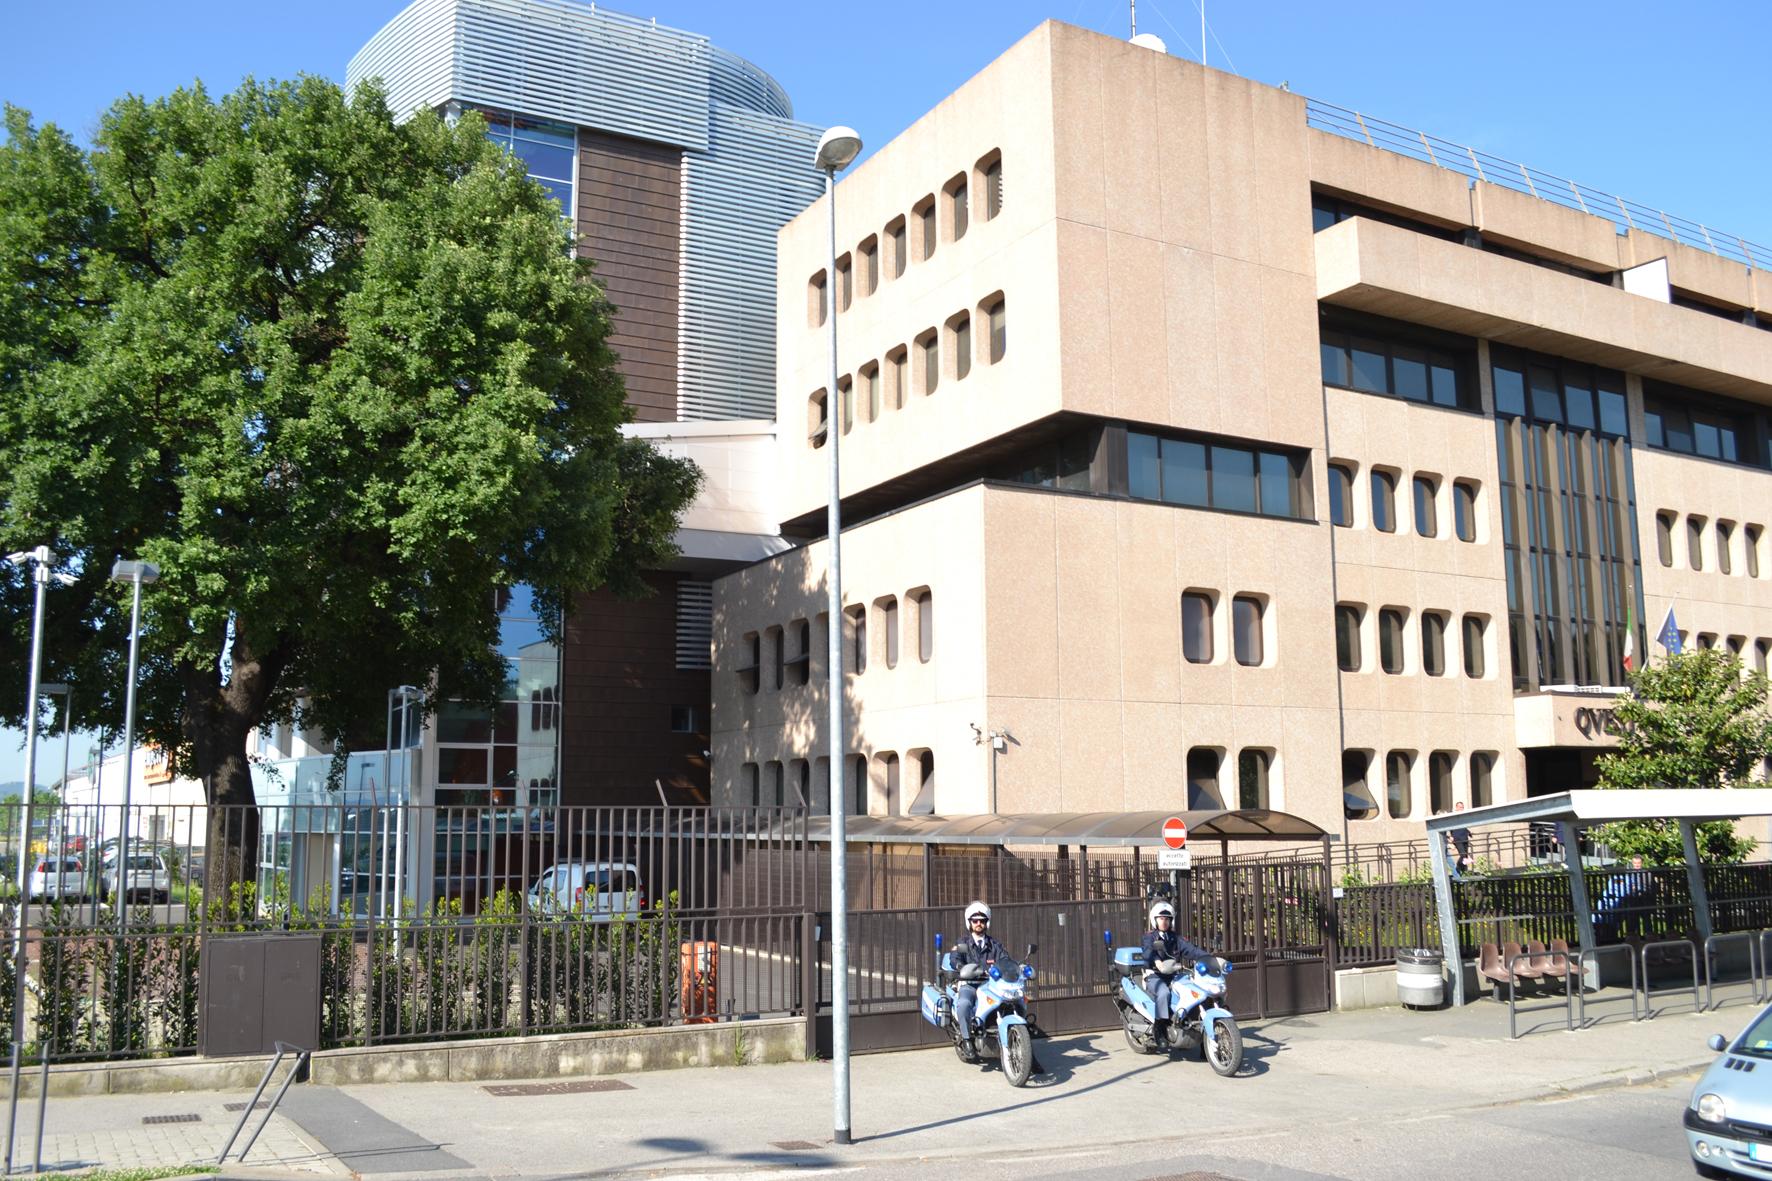 Polizia di stato questure sul web prato for Questura di milano ufficio immigrazione rinnovo permesso di soggiorno